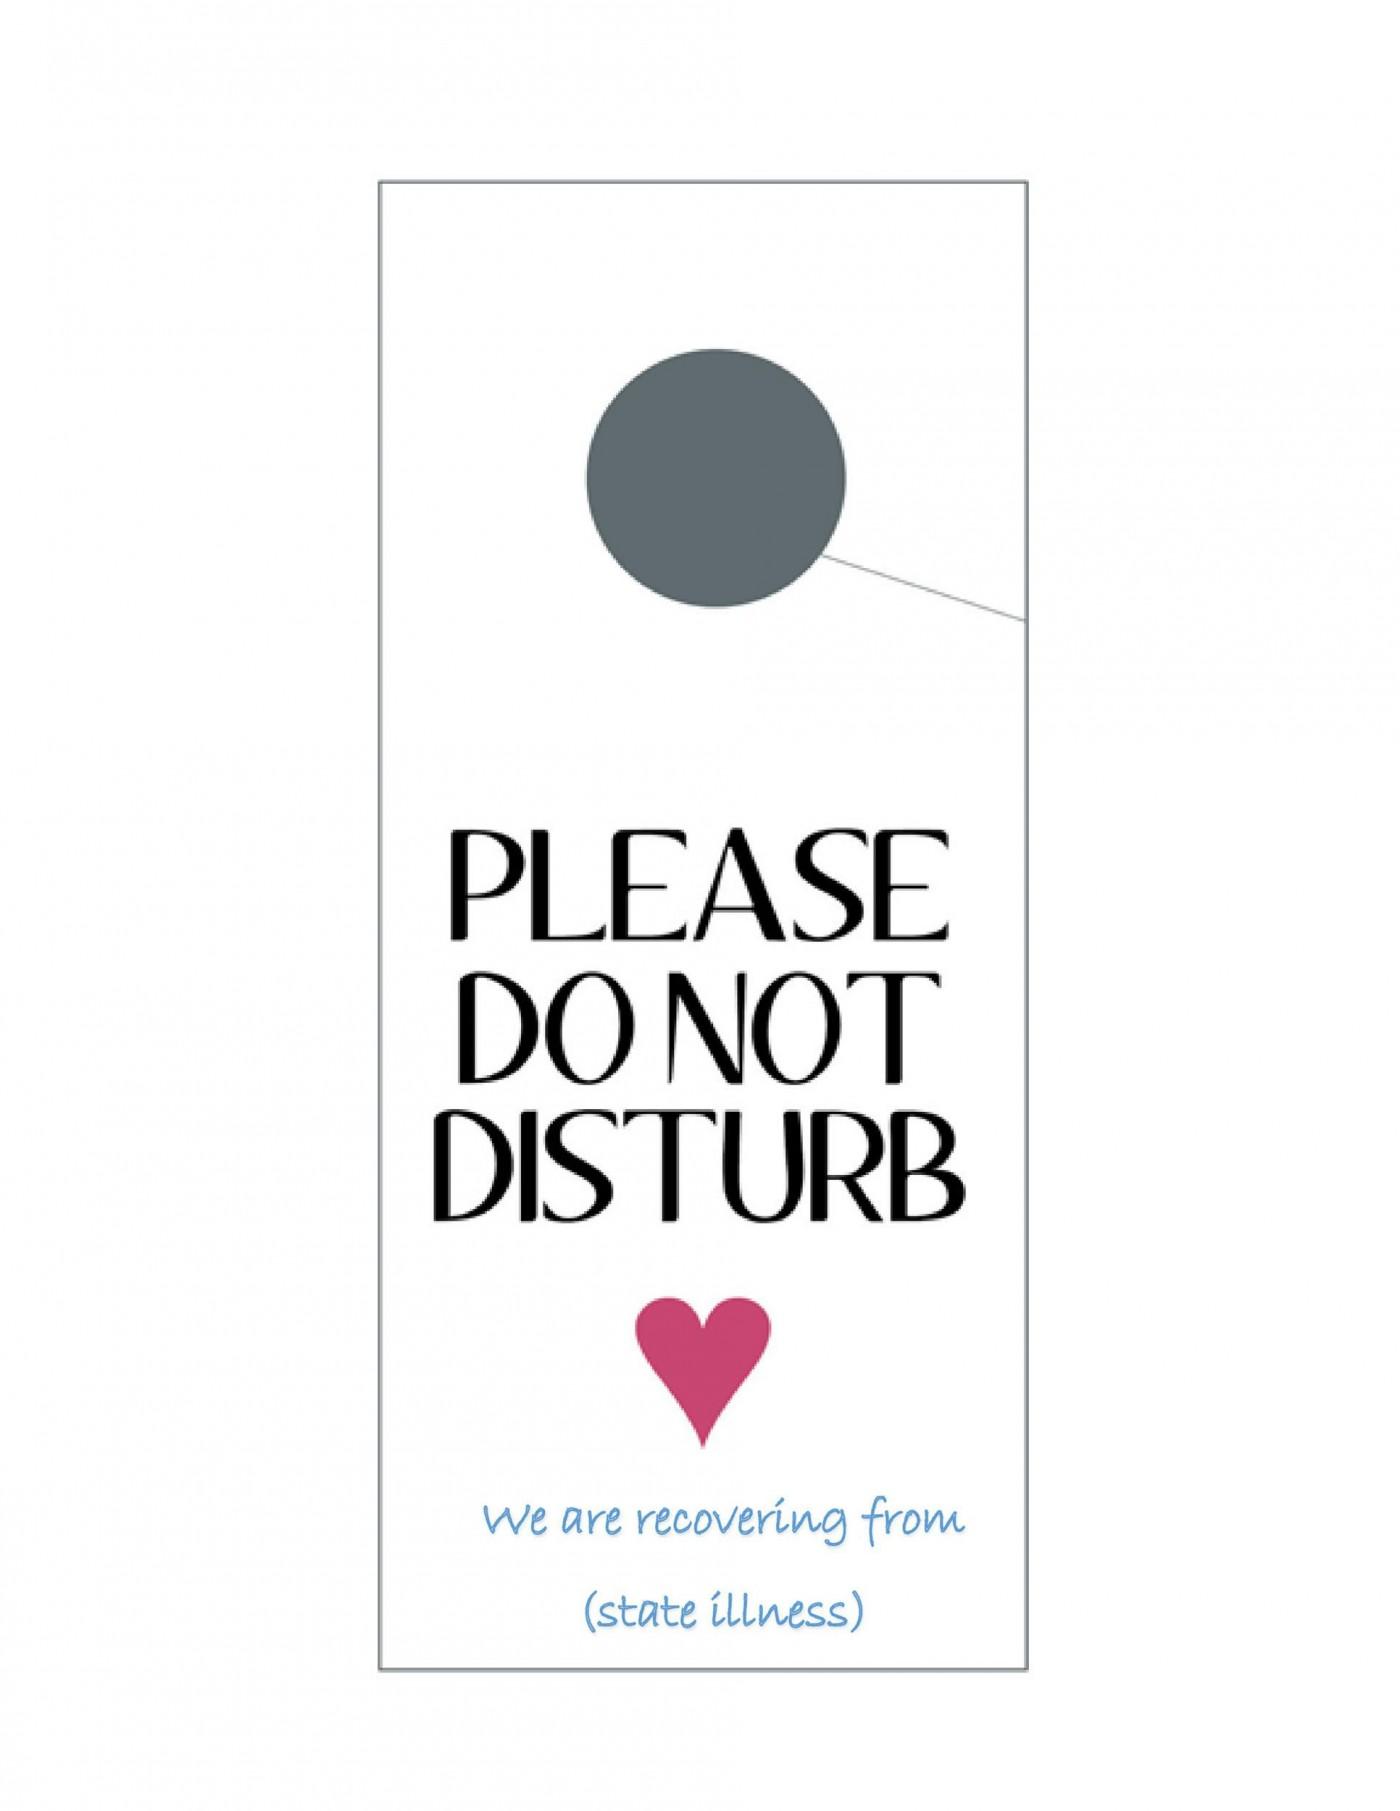 007 Exceptional Blank Door Hanger Template Free Design 1400